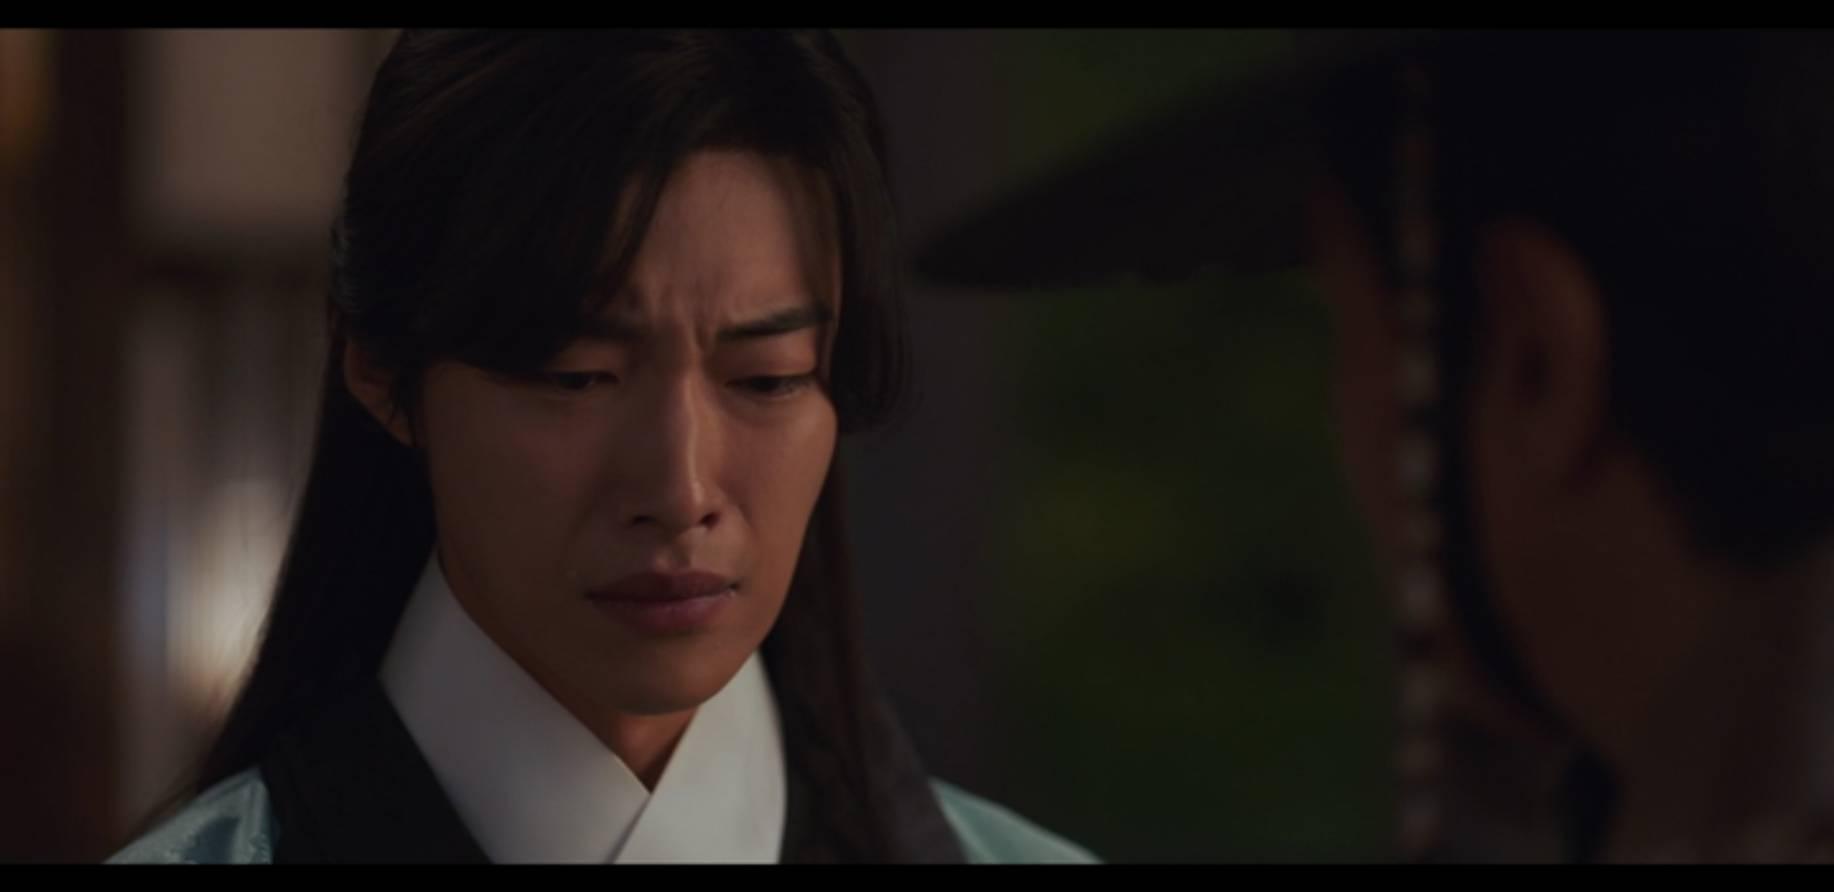 pojok-drama-my-country-makna-patriot-dan-persahabatan-salam-korea-7